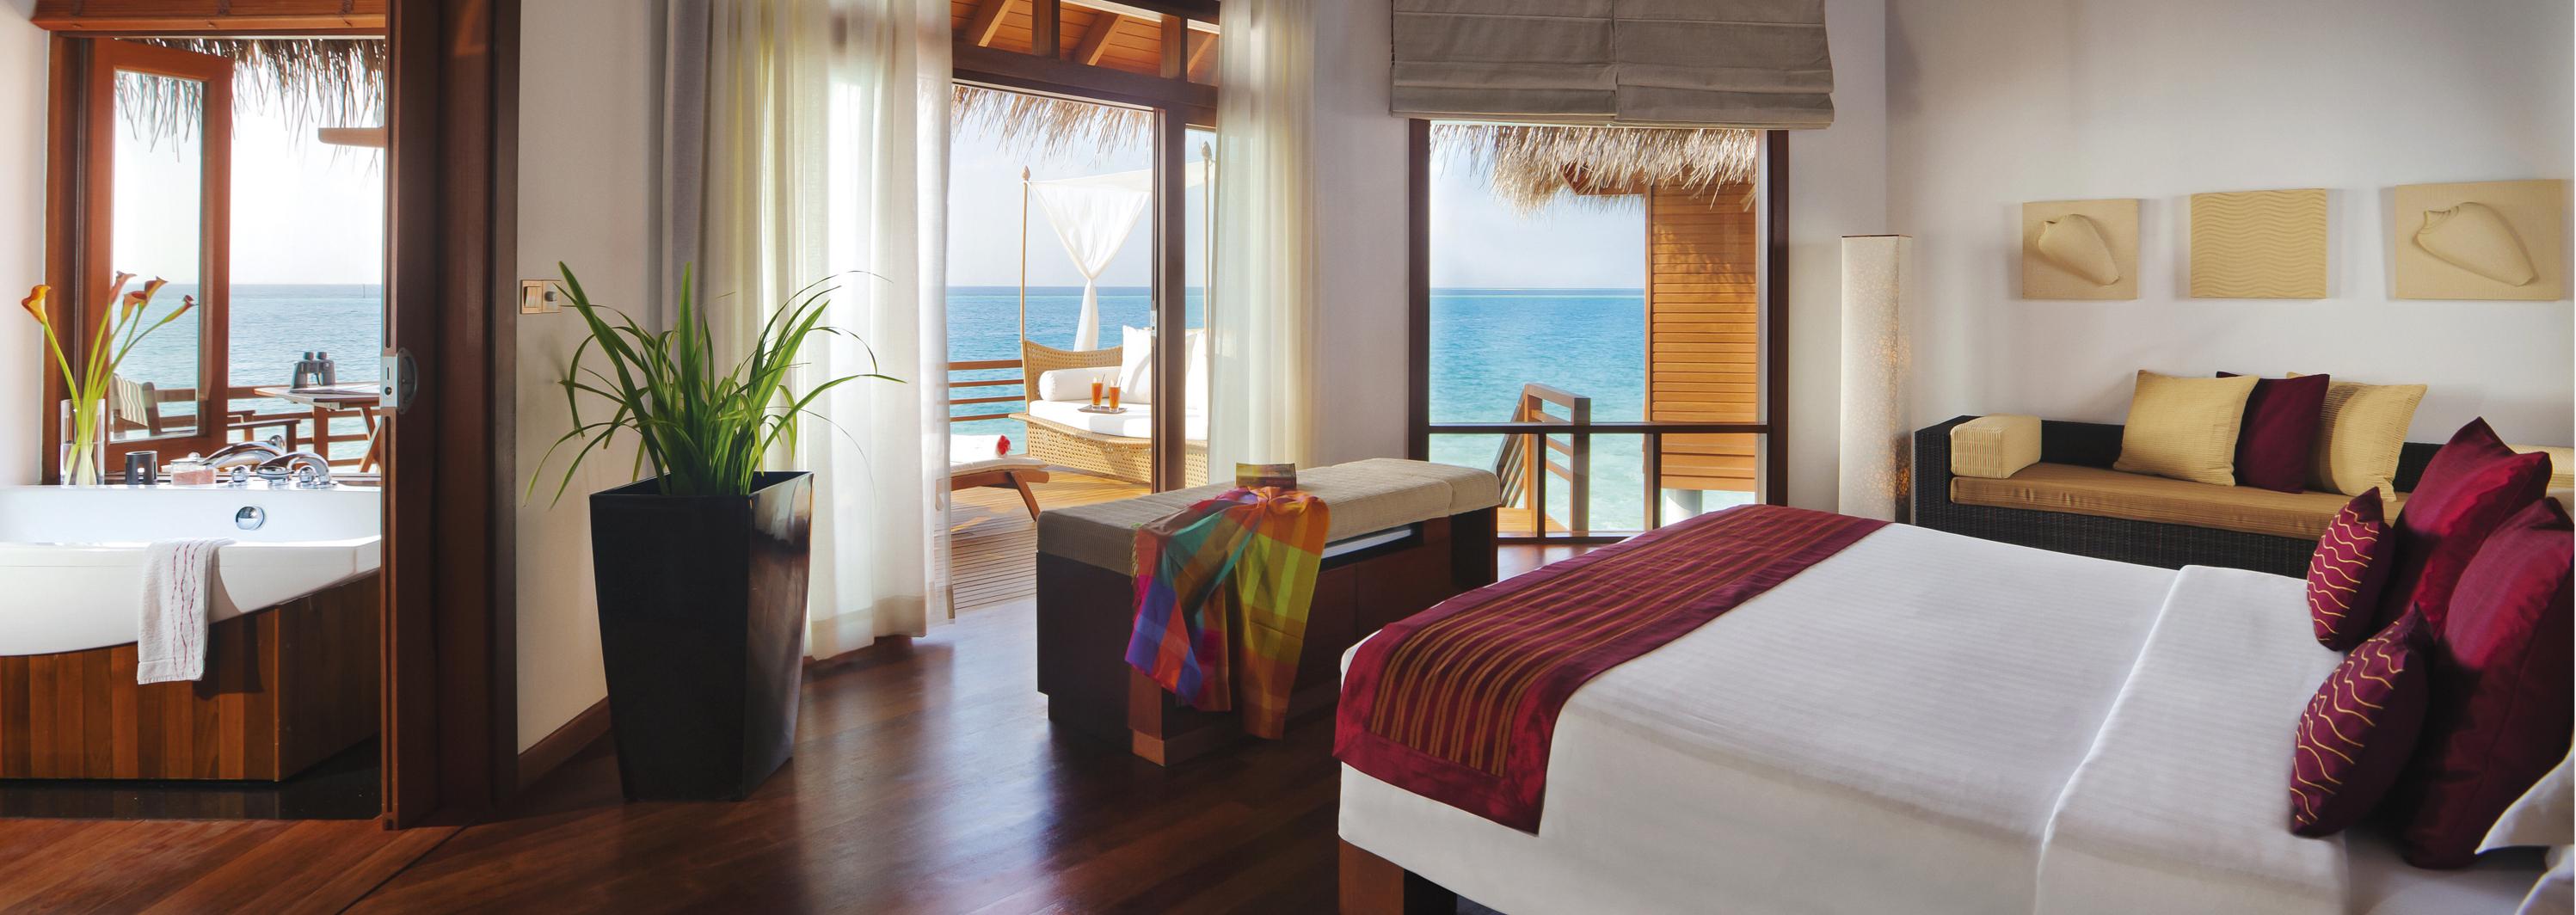 Baros-Maldives-Water-Villa-Interior